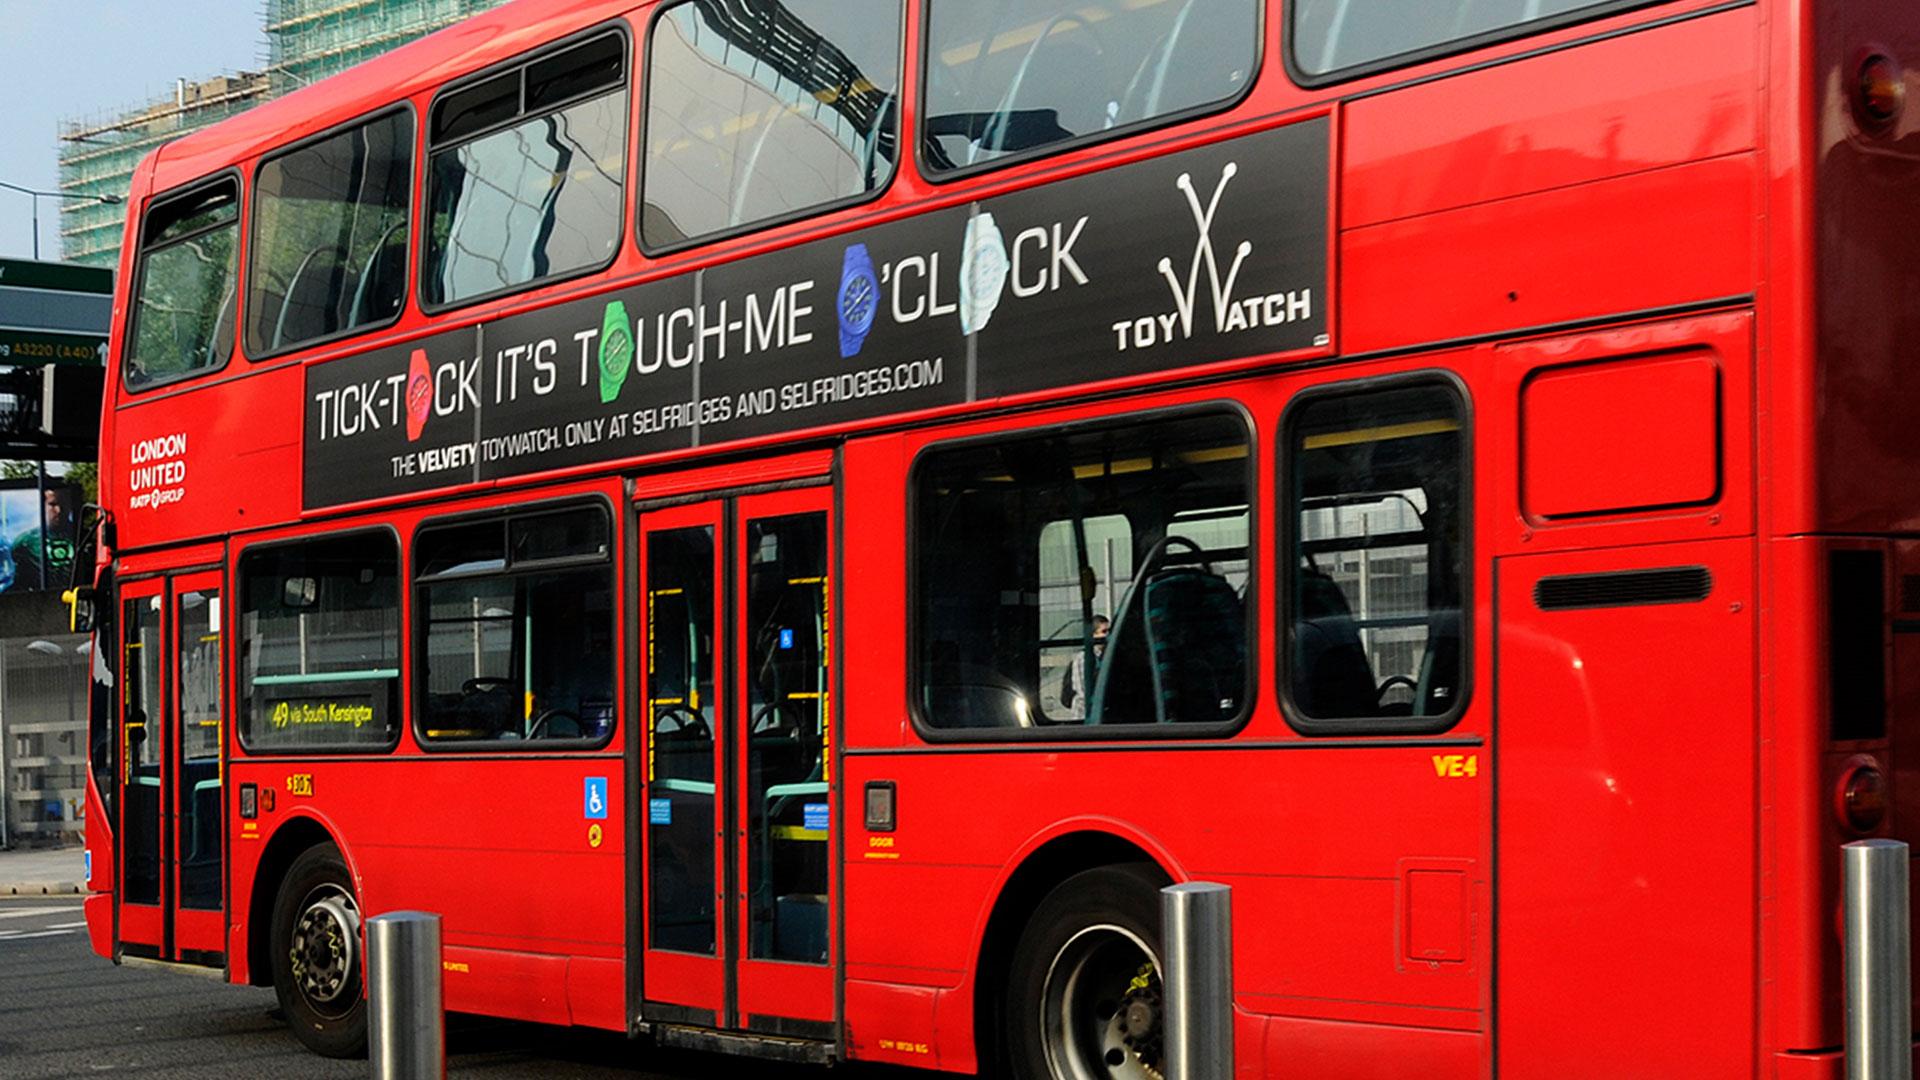 TW Velvety Bus Campaign